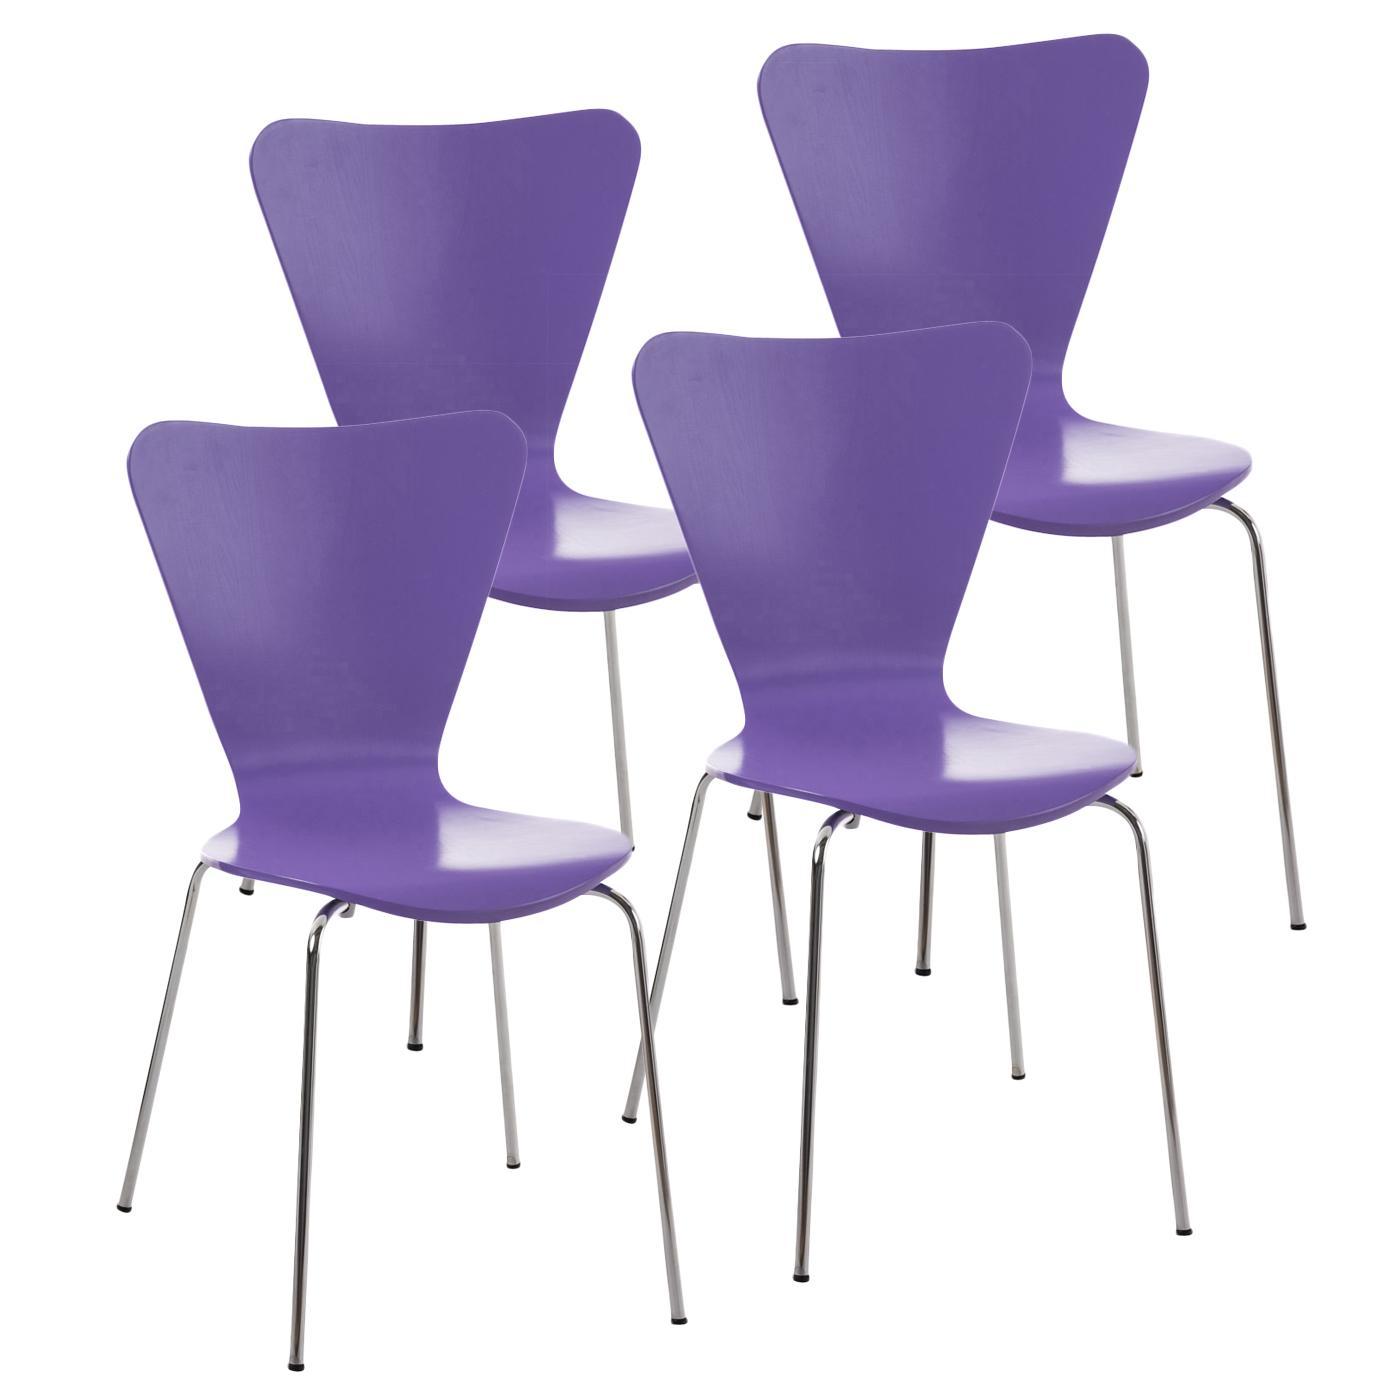 Lote 4 sillas de cocina o comedor lerma en morado lote 4 for Sillas cocina comedor